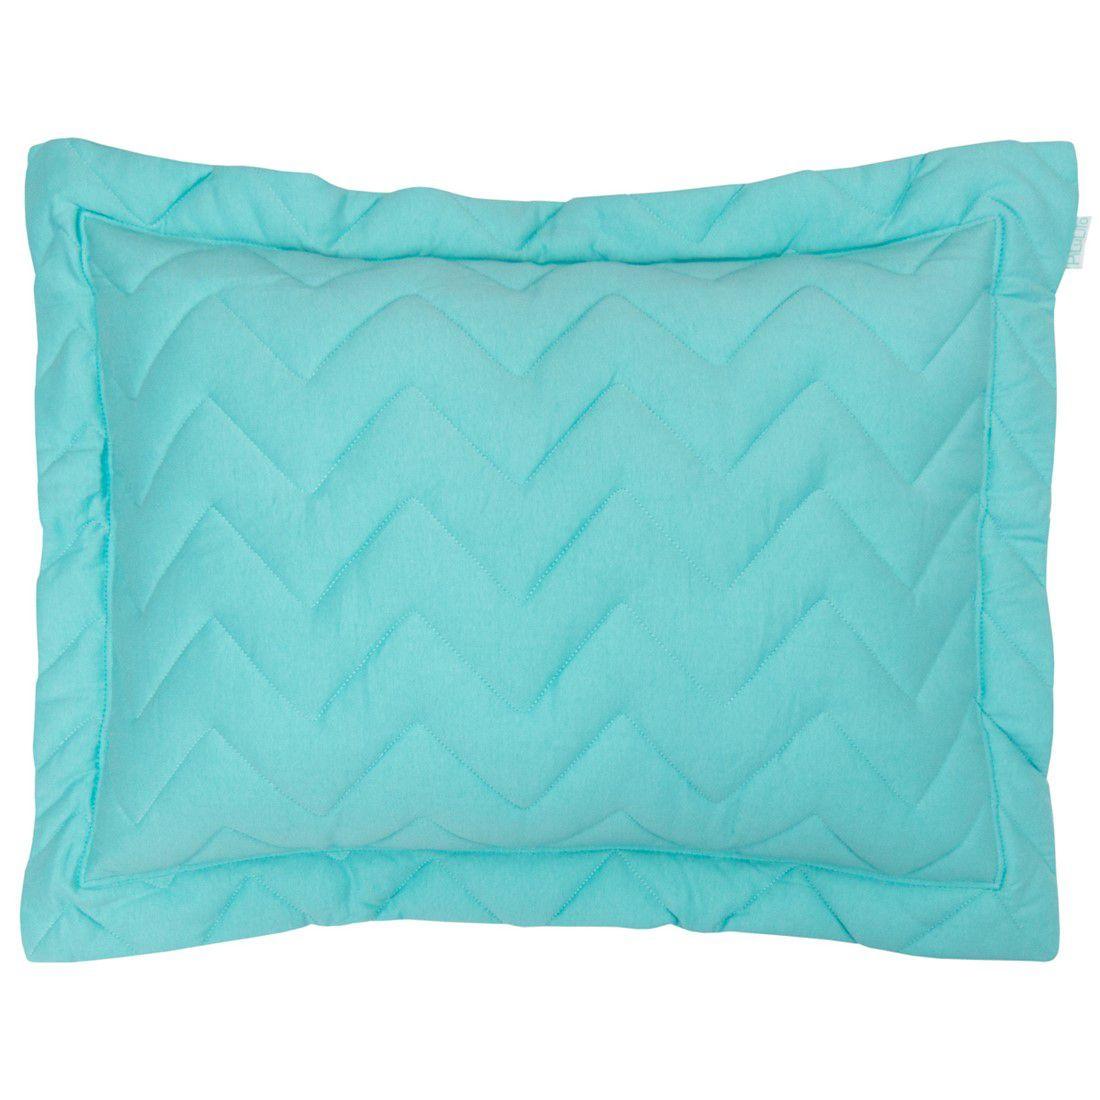 Porta travesseiro em malha chevron 70x50cm oceano